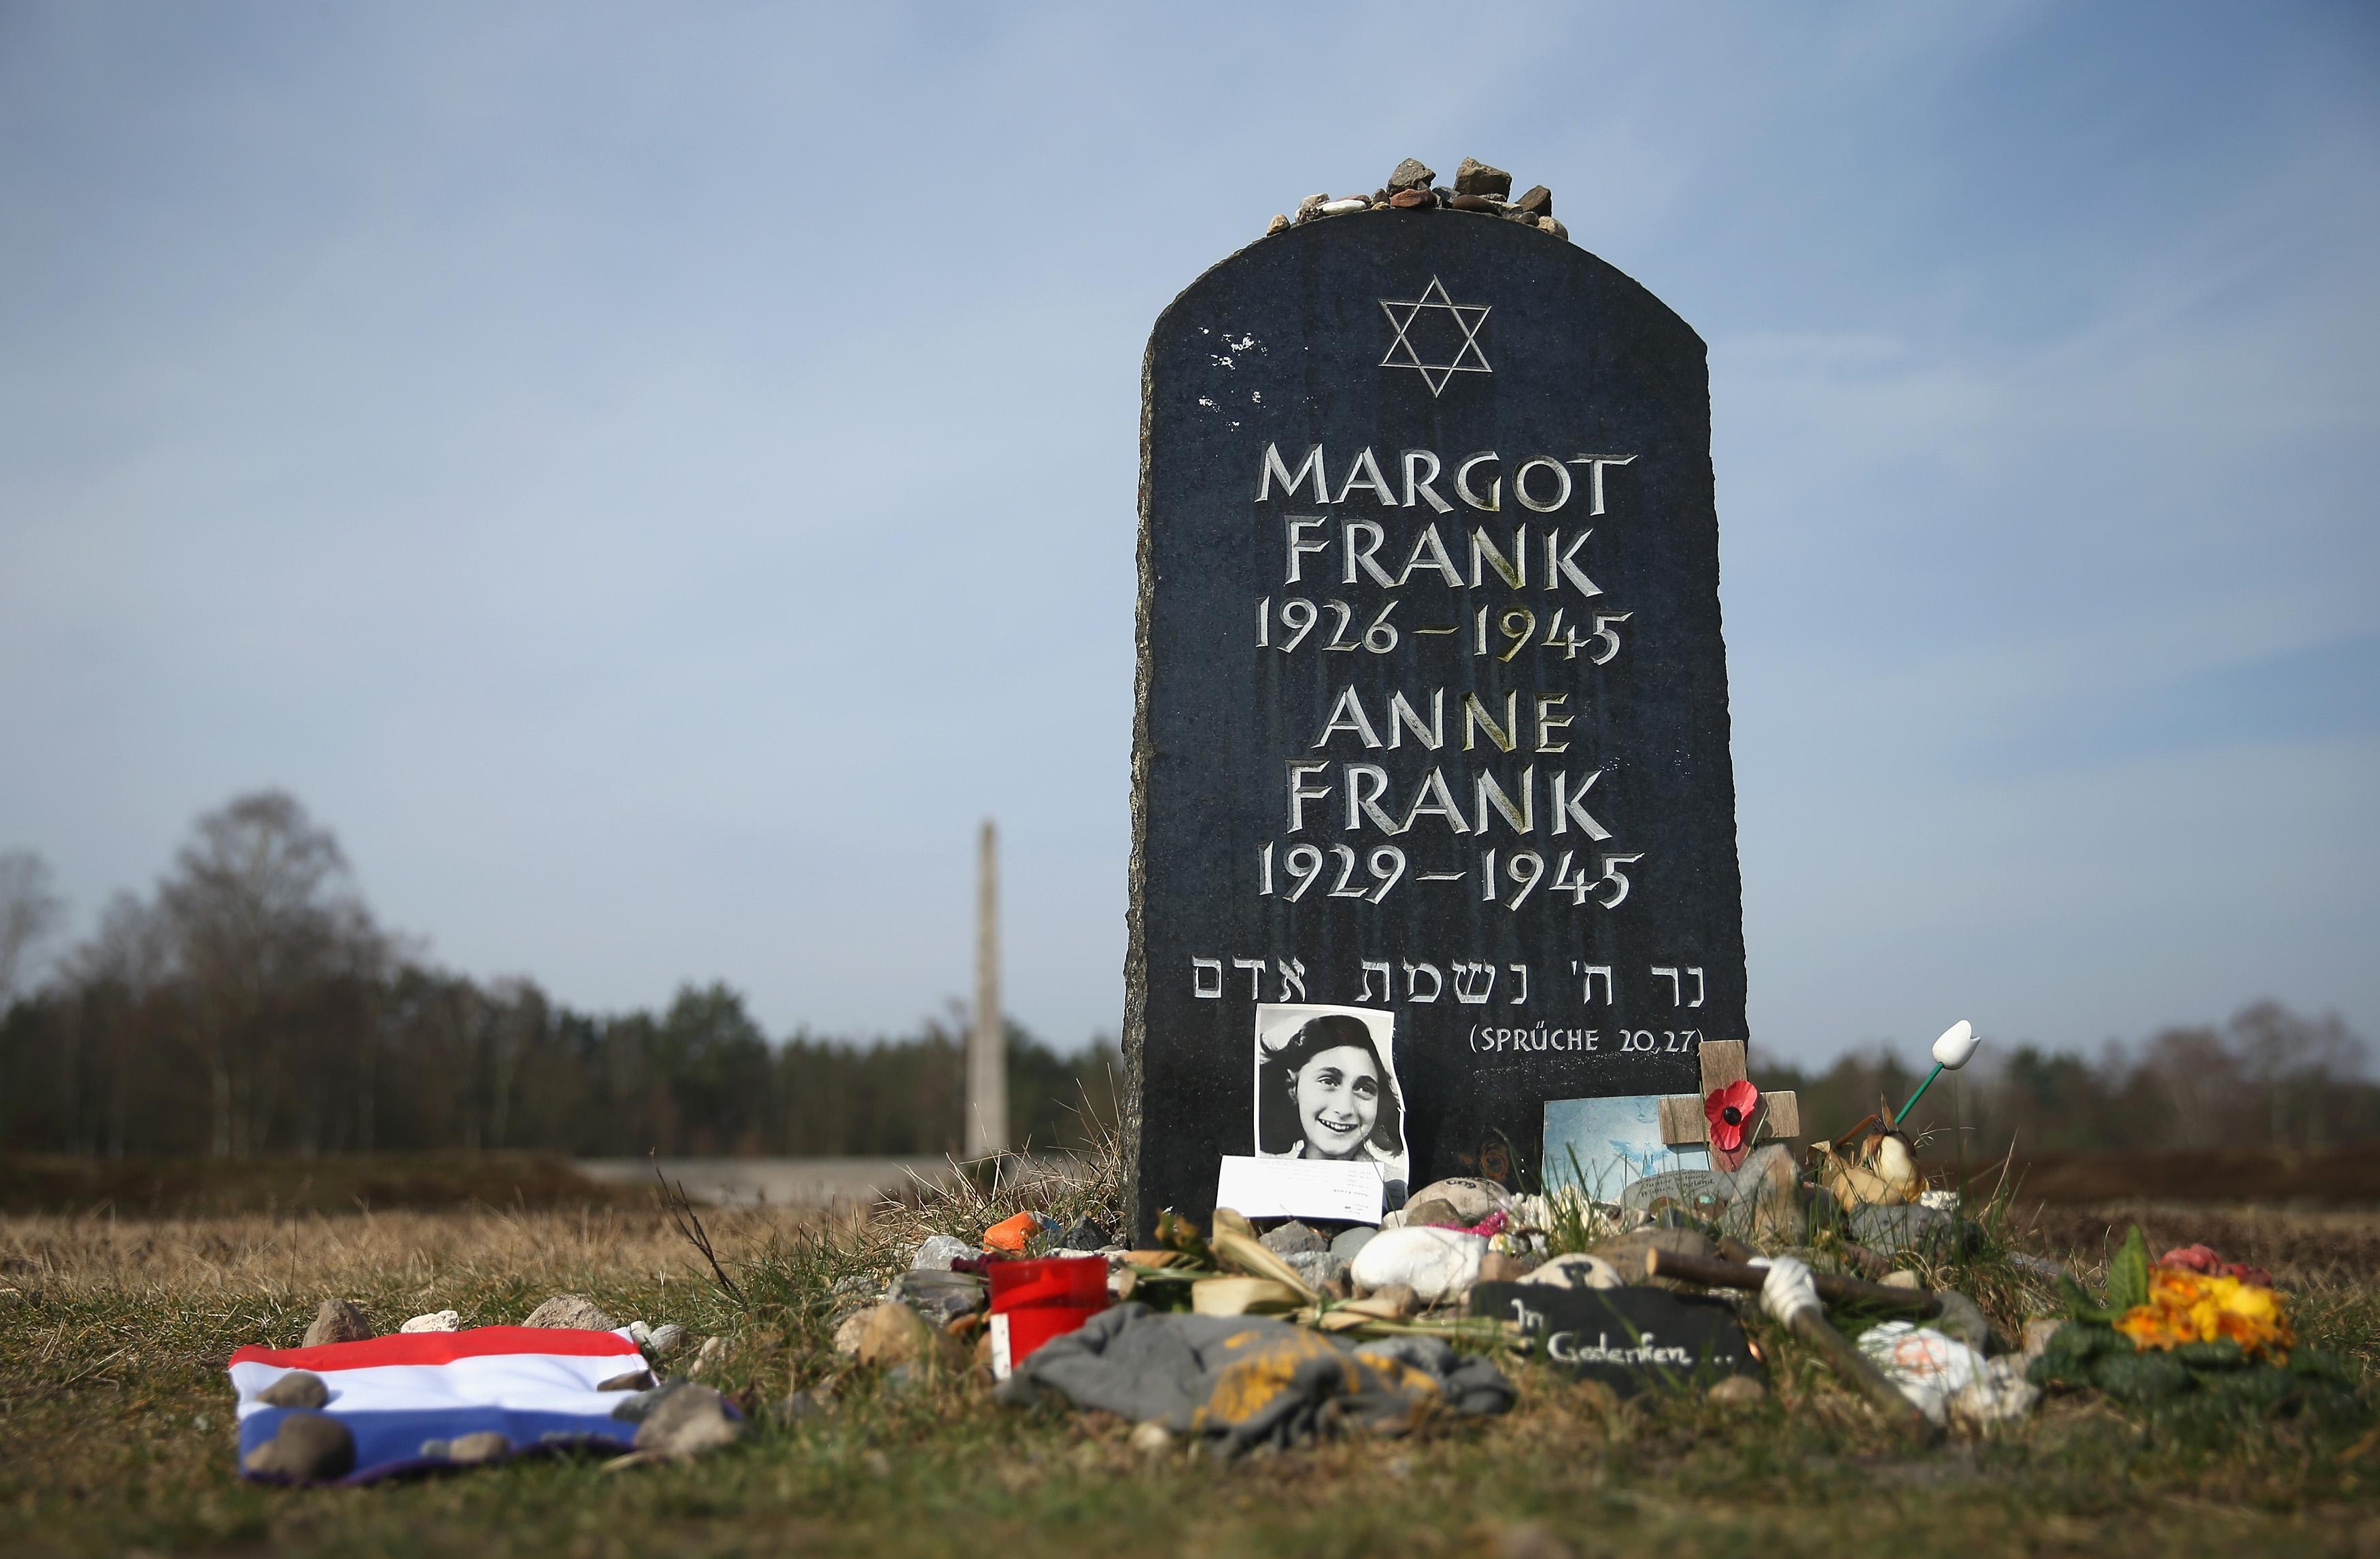 Quando morta anna frank dopo 70 anni spunta una nuova data - Quanto e larga una porta da calcio ...